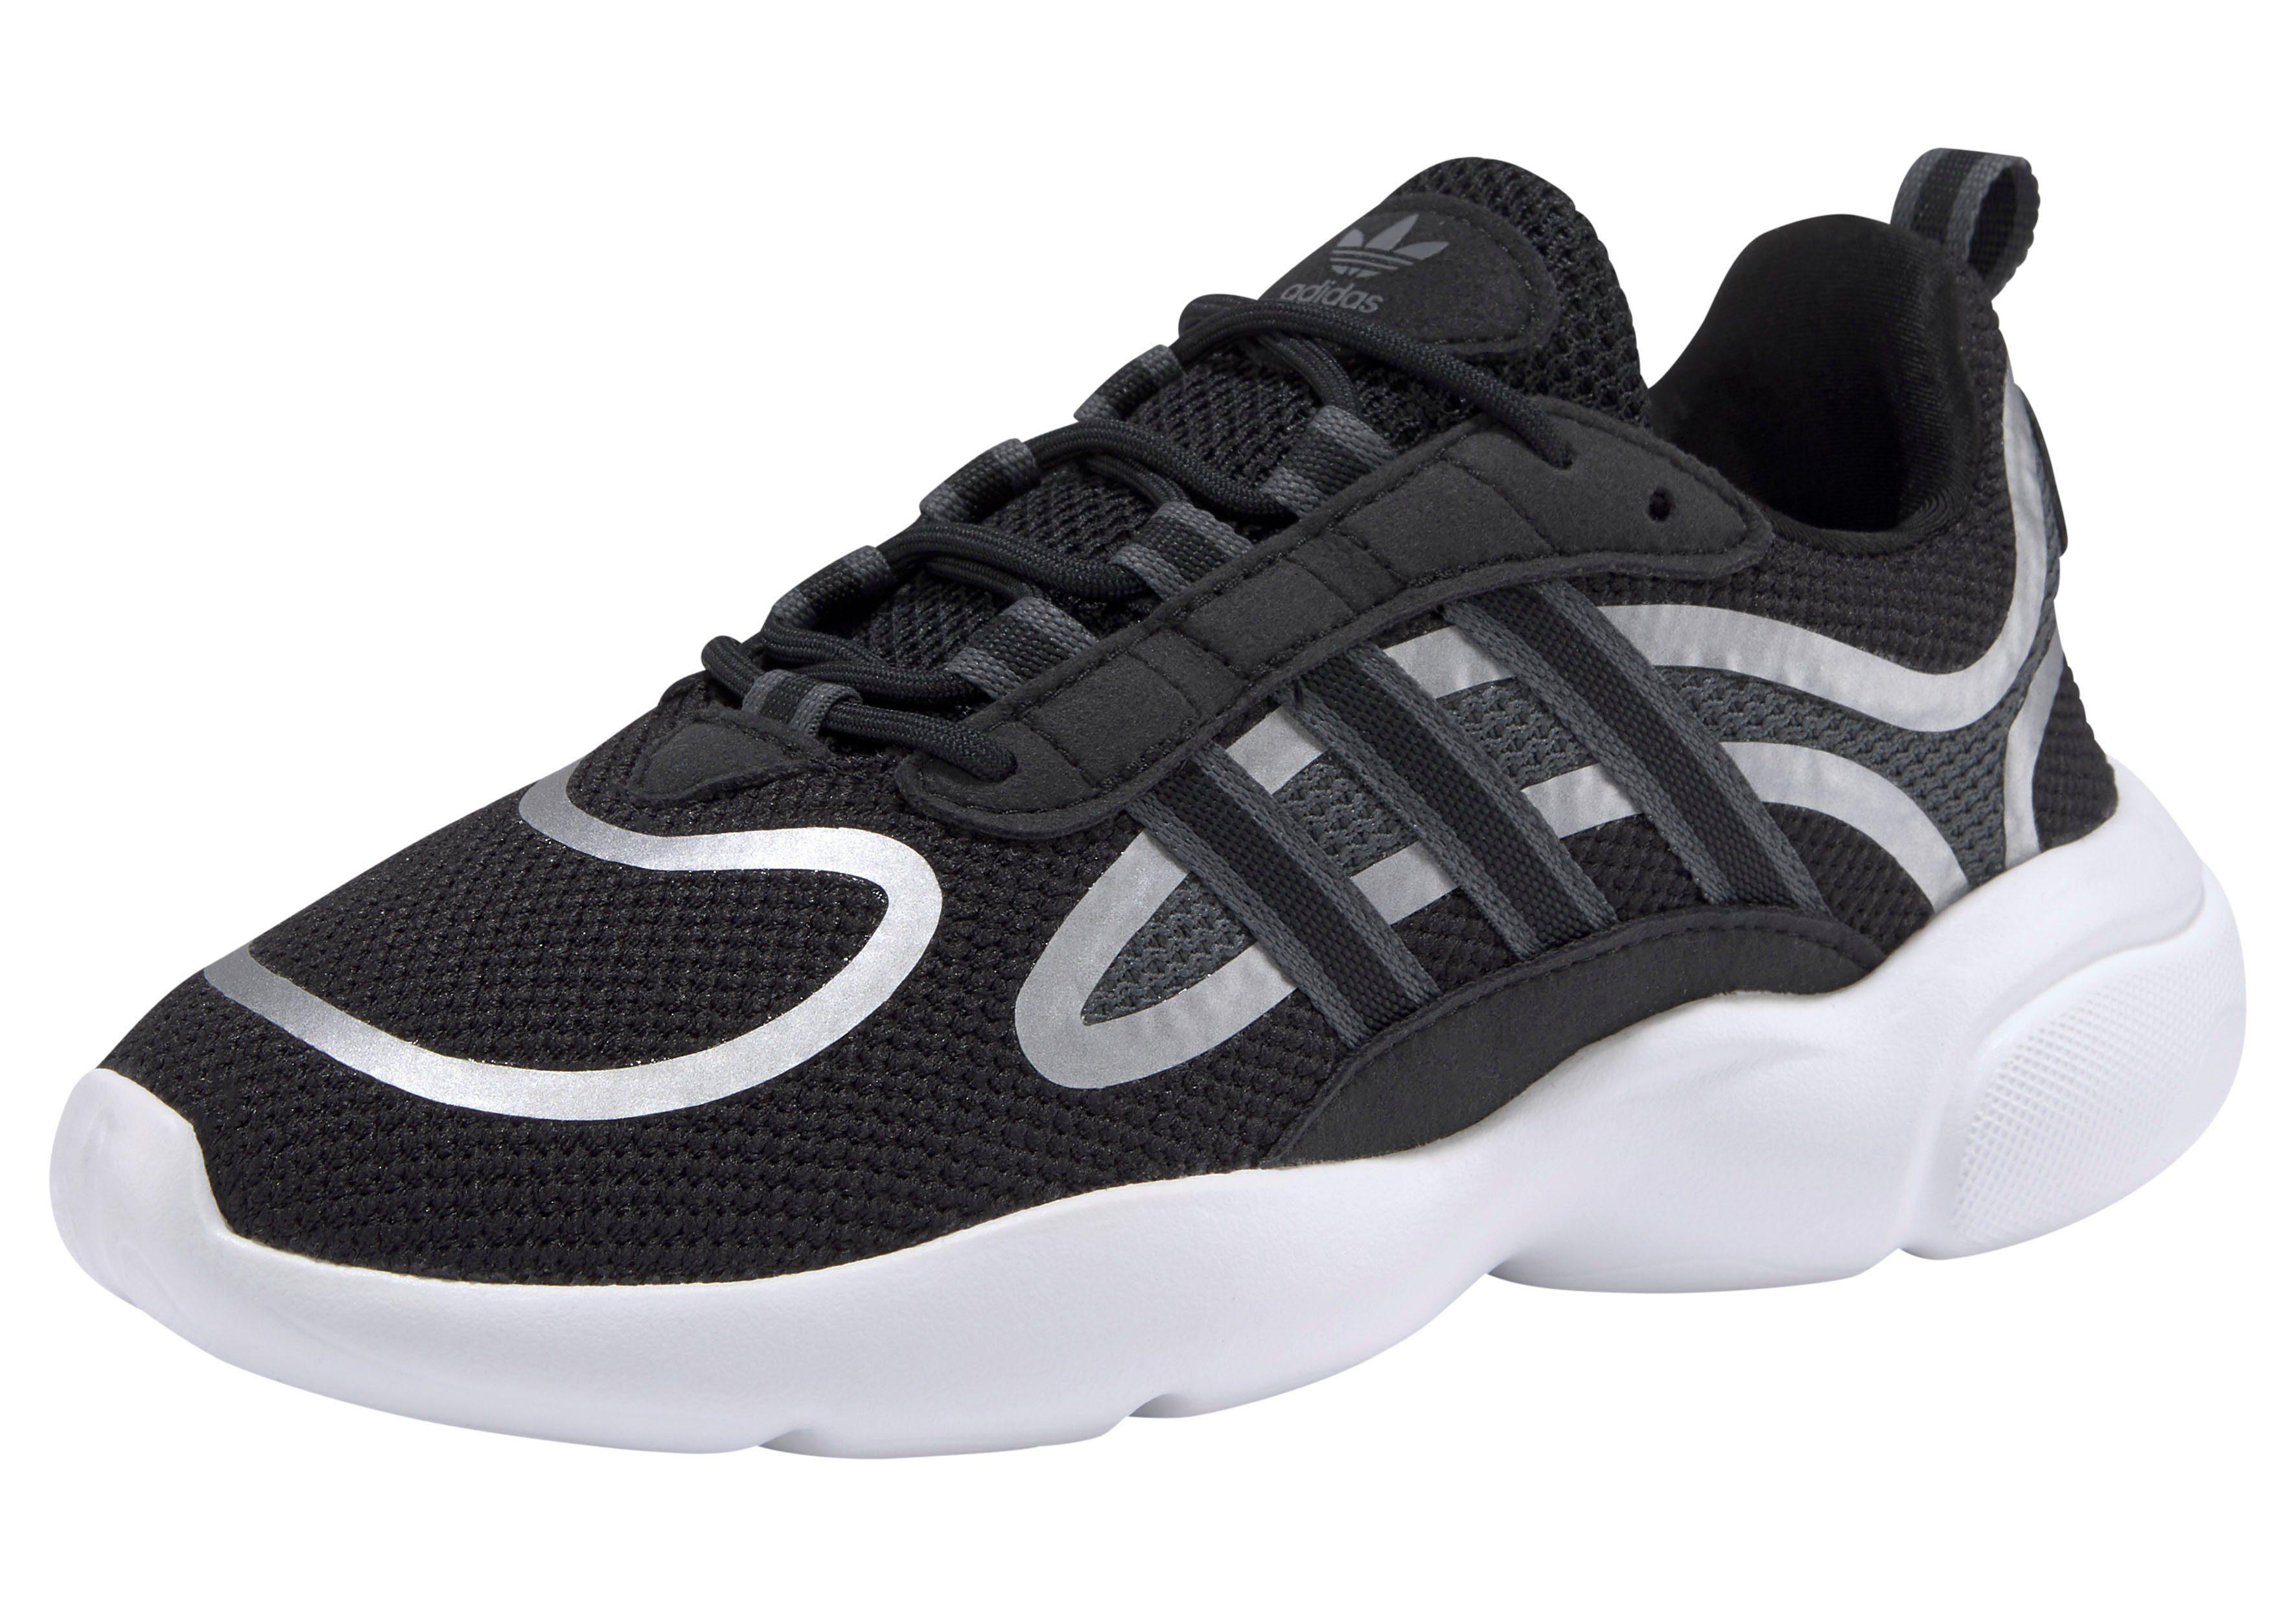 adidas Originals »HAIWEE JC« Sneaker, Atmungsaktiver Obermaterialmix aus Textil und Synthetik online kaufen | OTTO